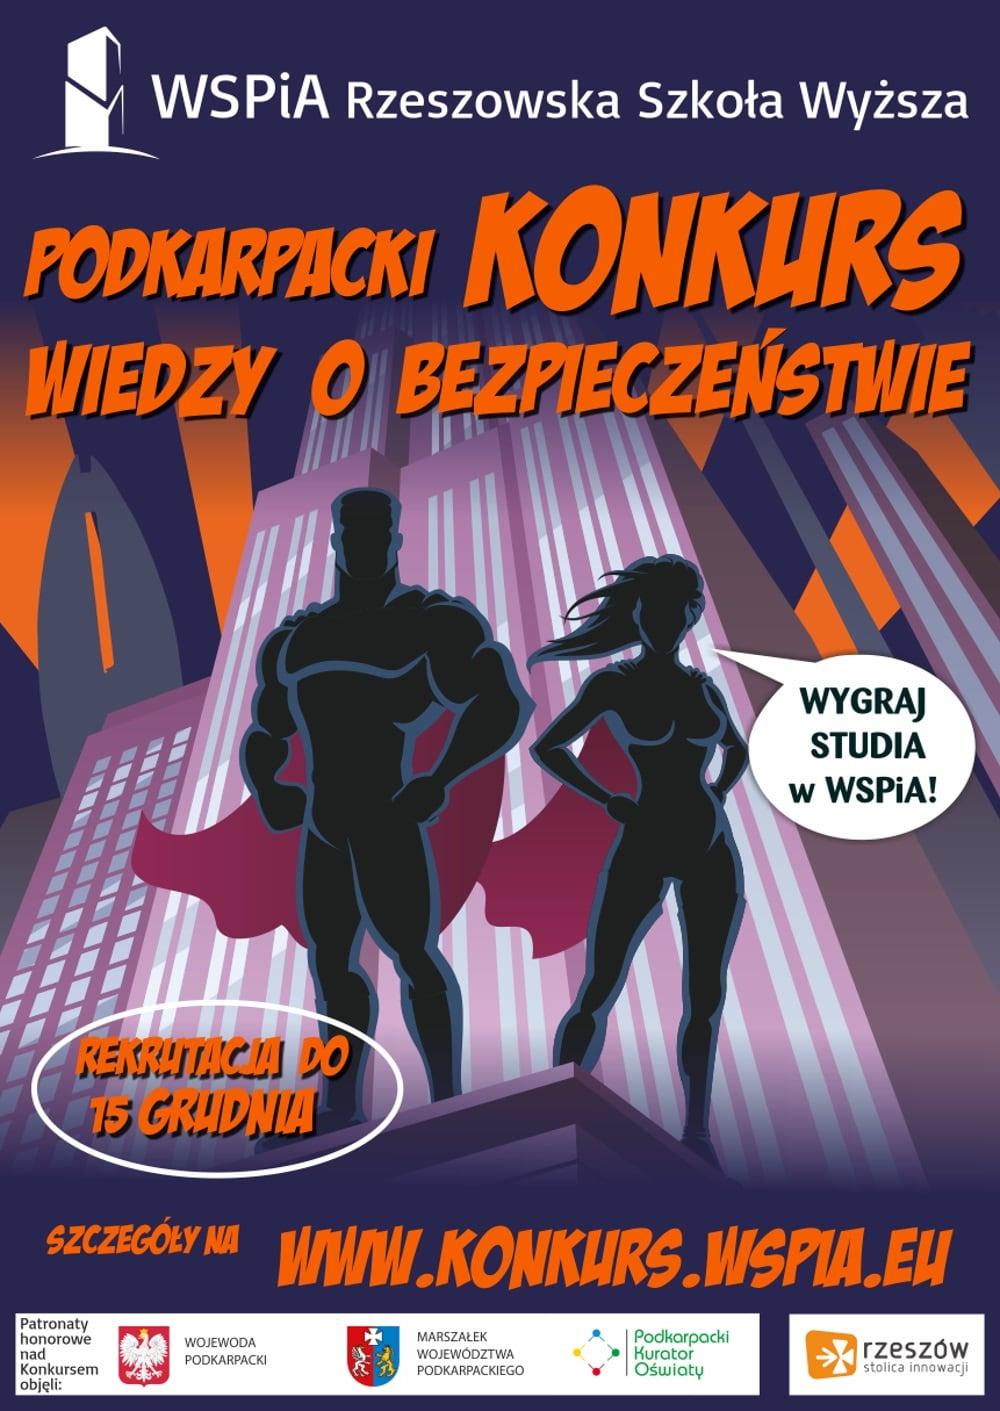 Konkurs zorganizowany jest przez WSPiA Rzeszowską Szkołę Wyższą.